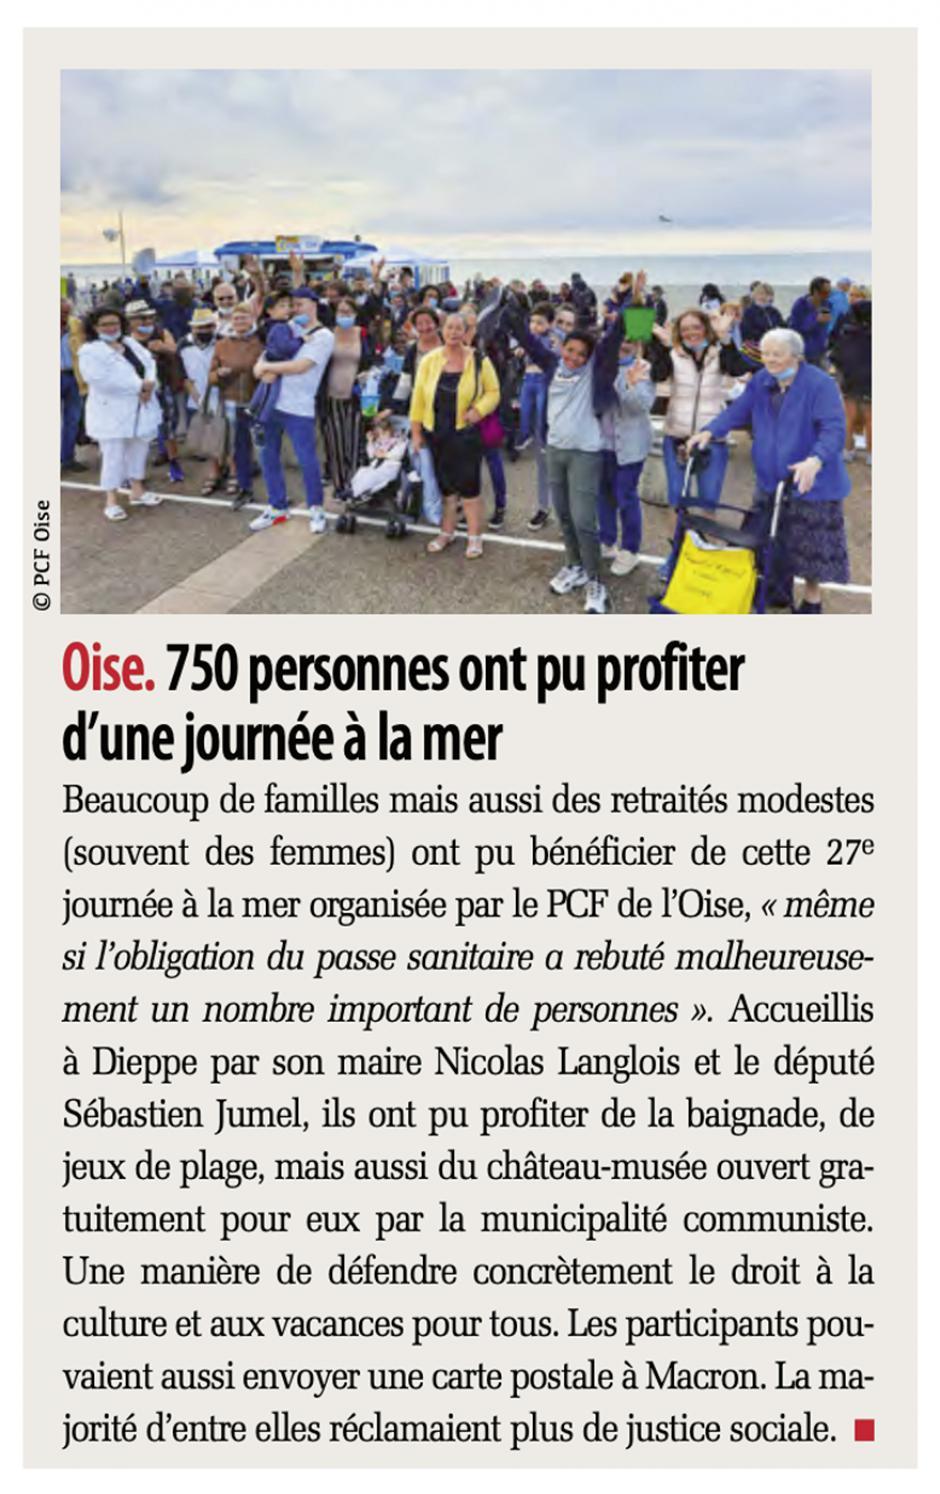 20210827-Liberté Hebdo-Oise-750 personnes ont pu profiter d'une journée à la mer